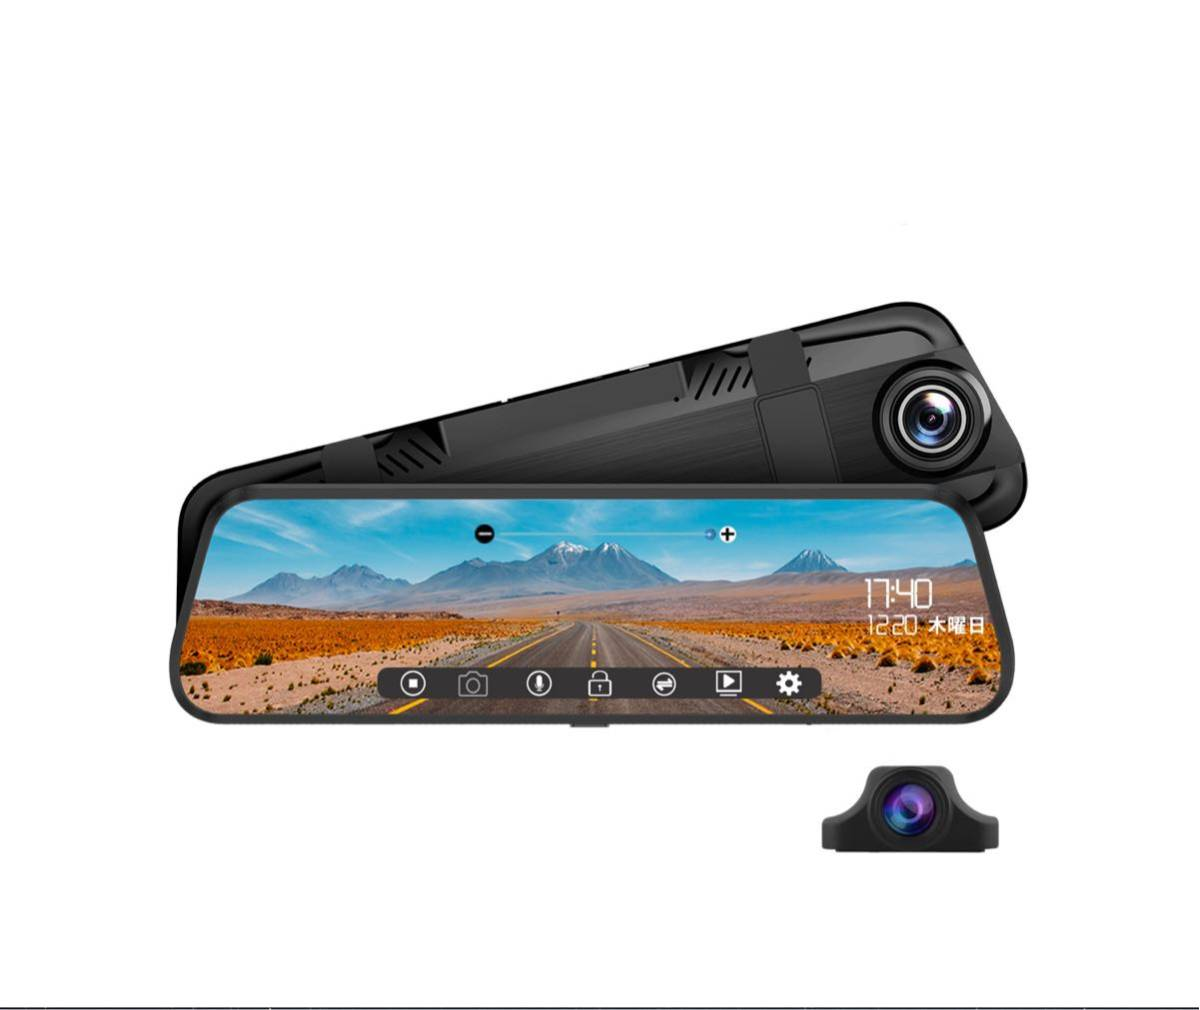 デジタルインナーミラー ドライブレコーダー 前後同時録画 9.66インチ 1080P フルHD 防水リアカメラ バック連動 GPS速度 アングル調整